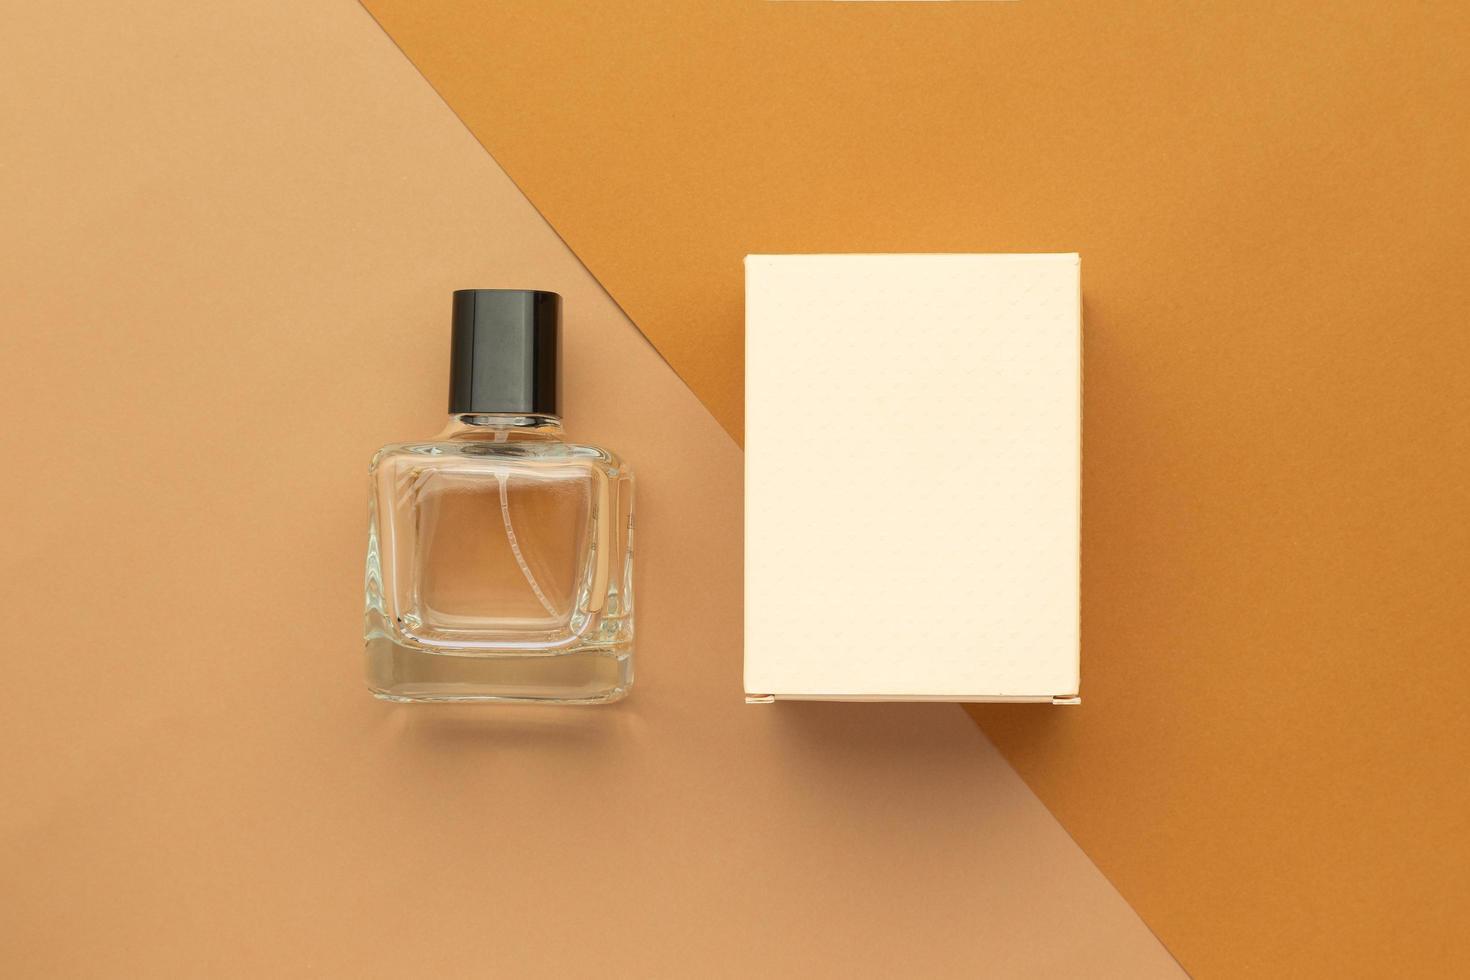 parfymflaska och låda mockup mall på beige bakgrund foto